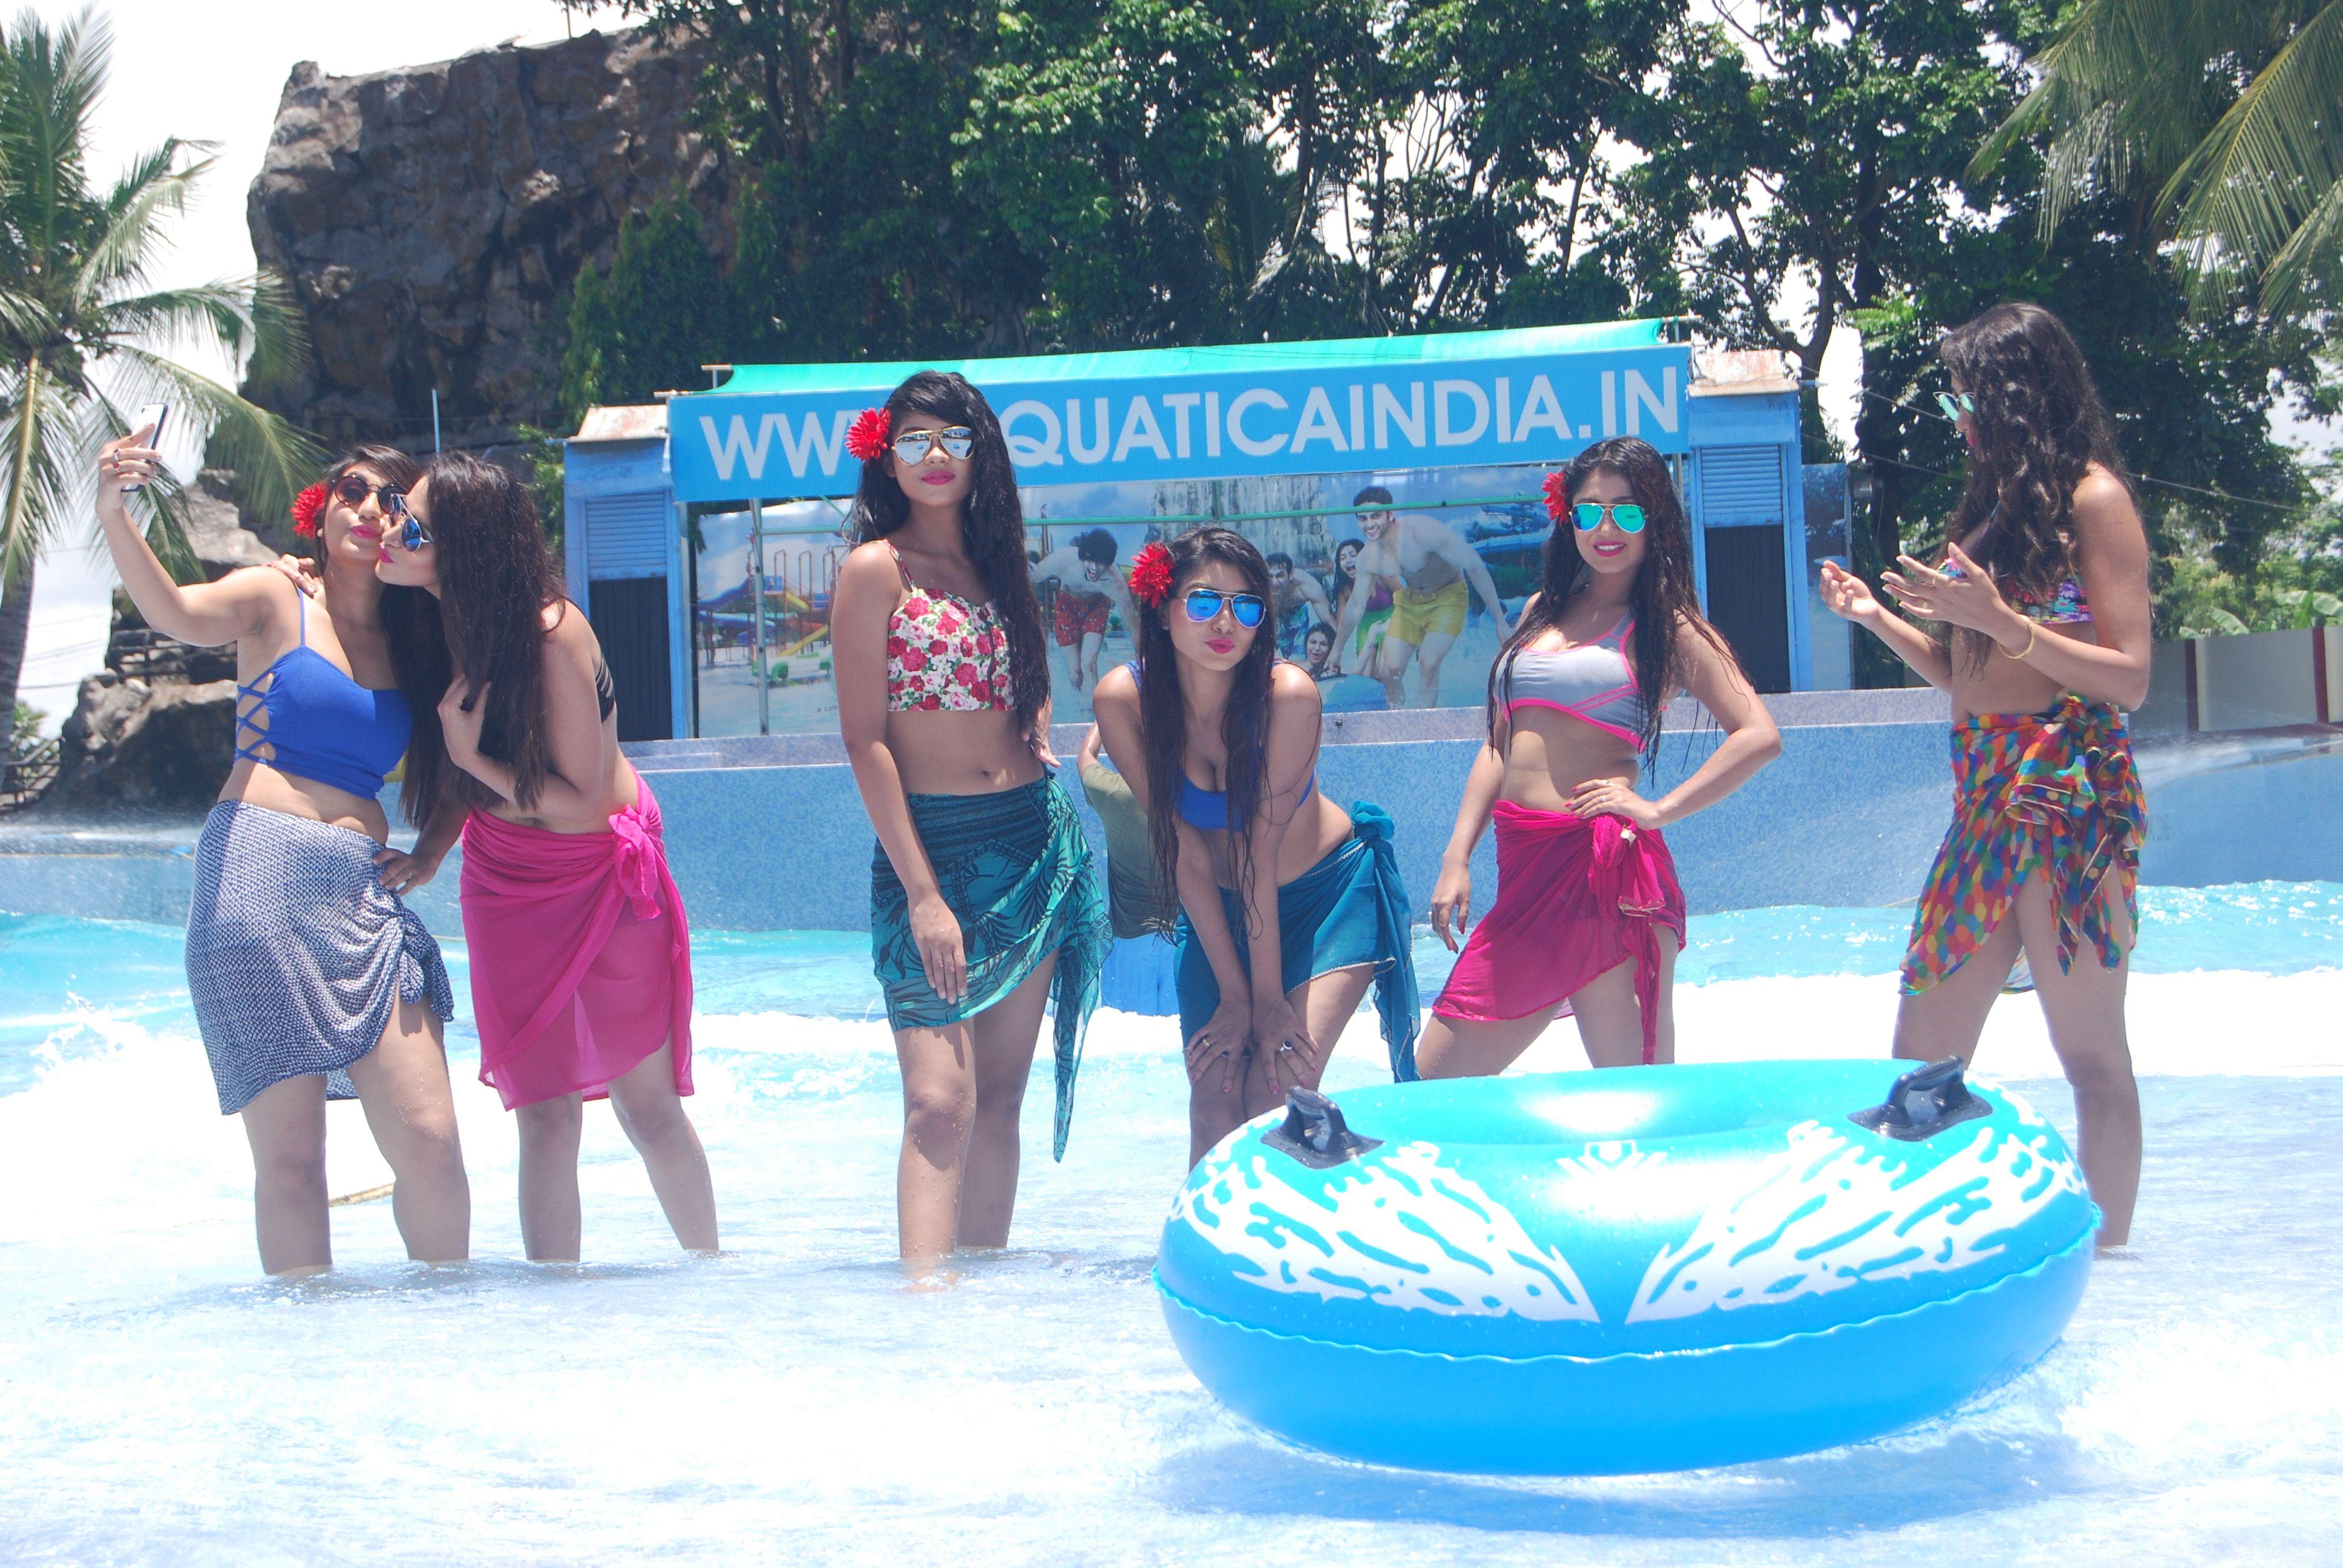 Pin By Aquatica Water Park Resort On Aquatica Water Park And Resort Water Park Pool Float Outdoor